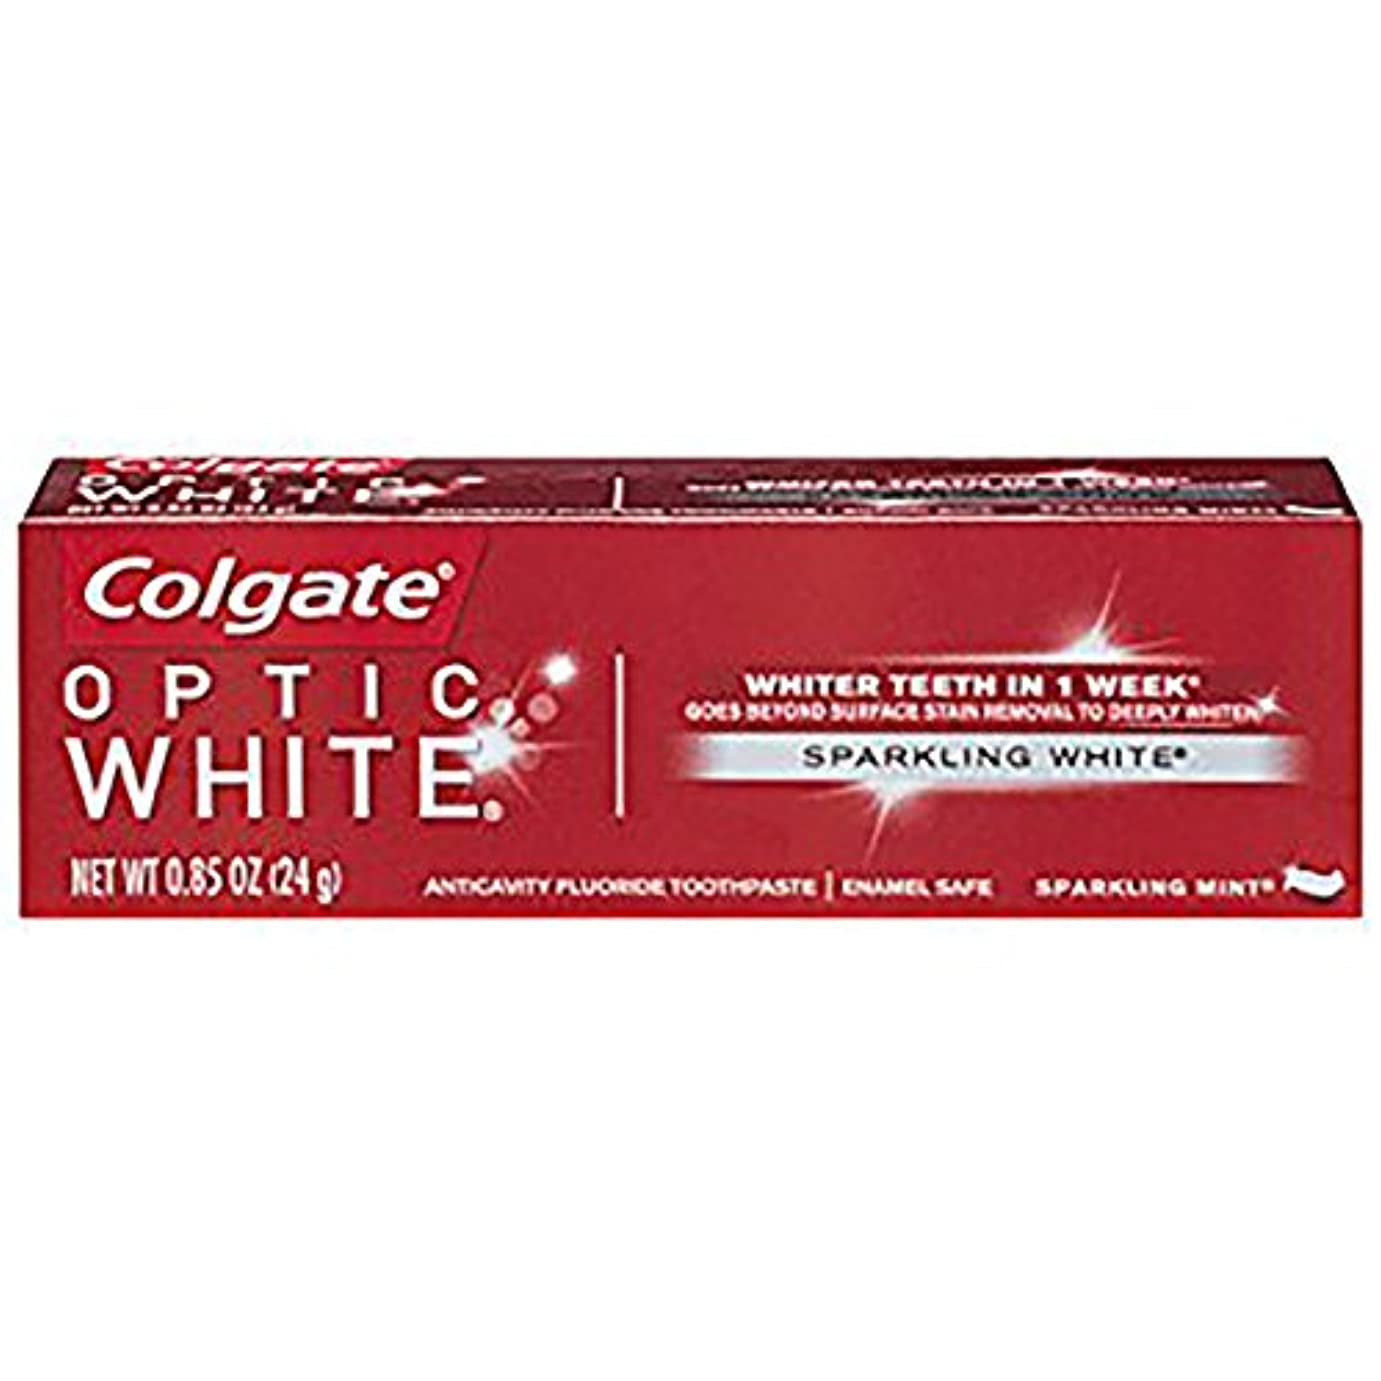 明確に間ダメージコルゲート ホワイトニング Colgate 24g Optic White Sparkling White 白い歯 歯磨き粉 ミント